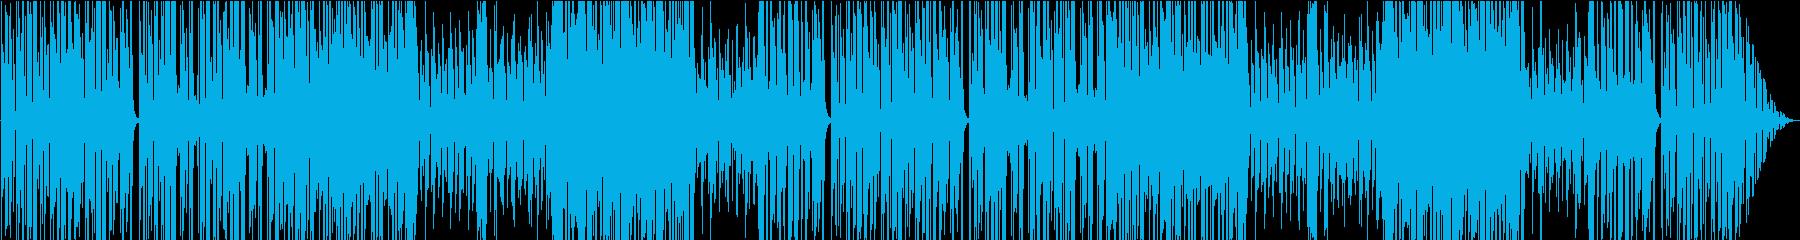 ハリのあるかっこいいゴシック×ジャズの再生済みの波形